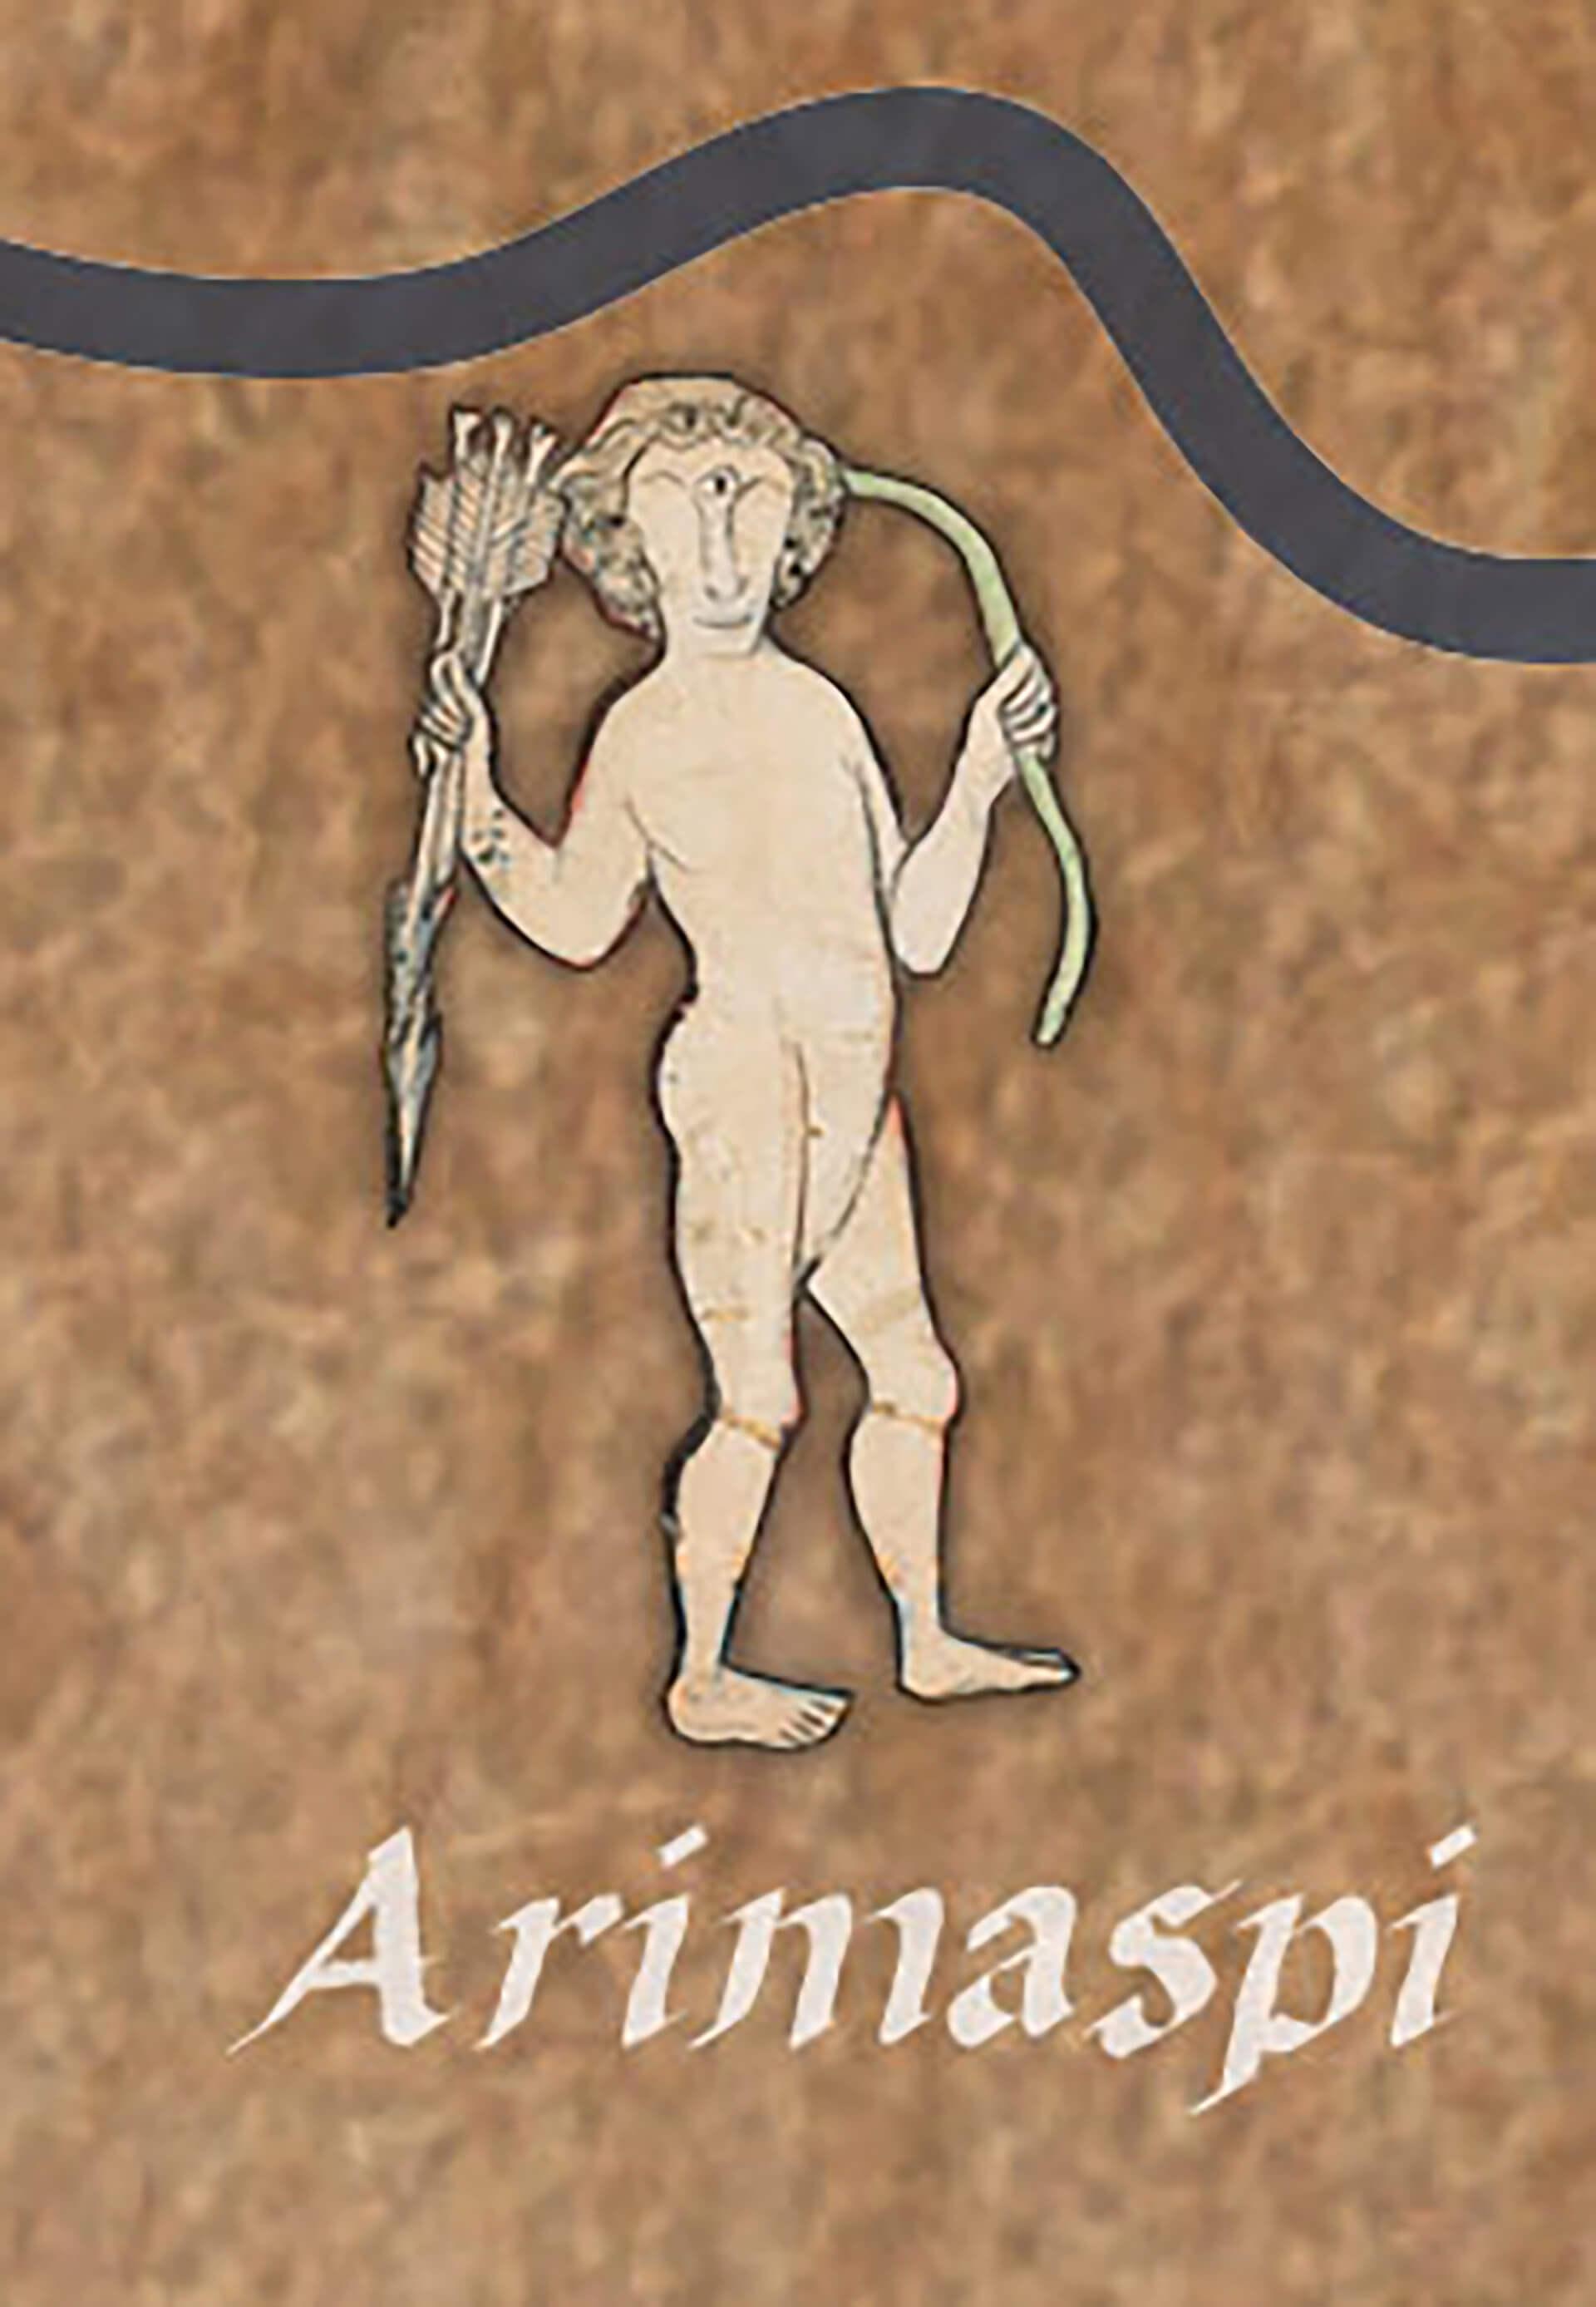 arimaspoi orbis romanum